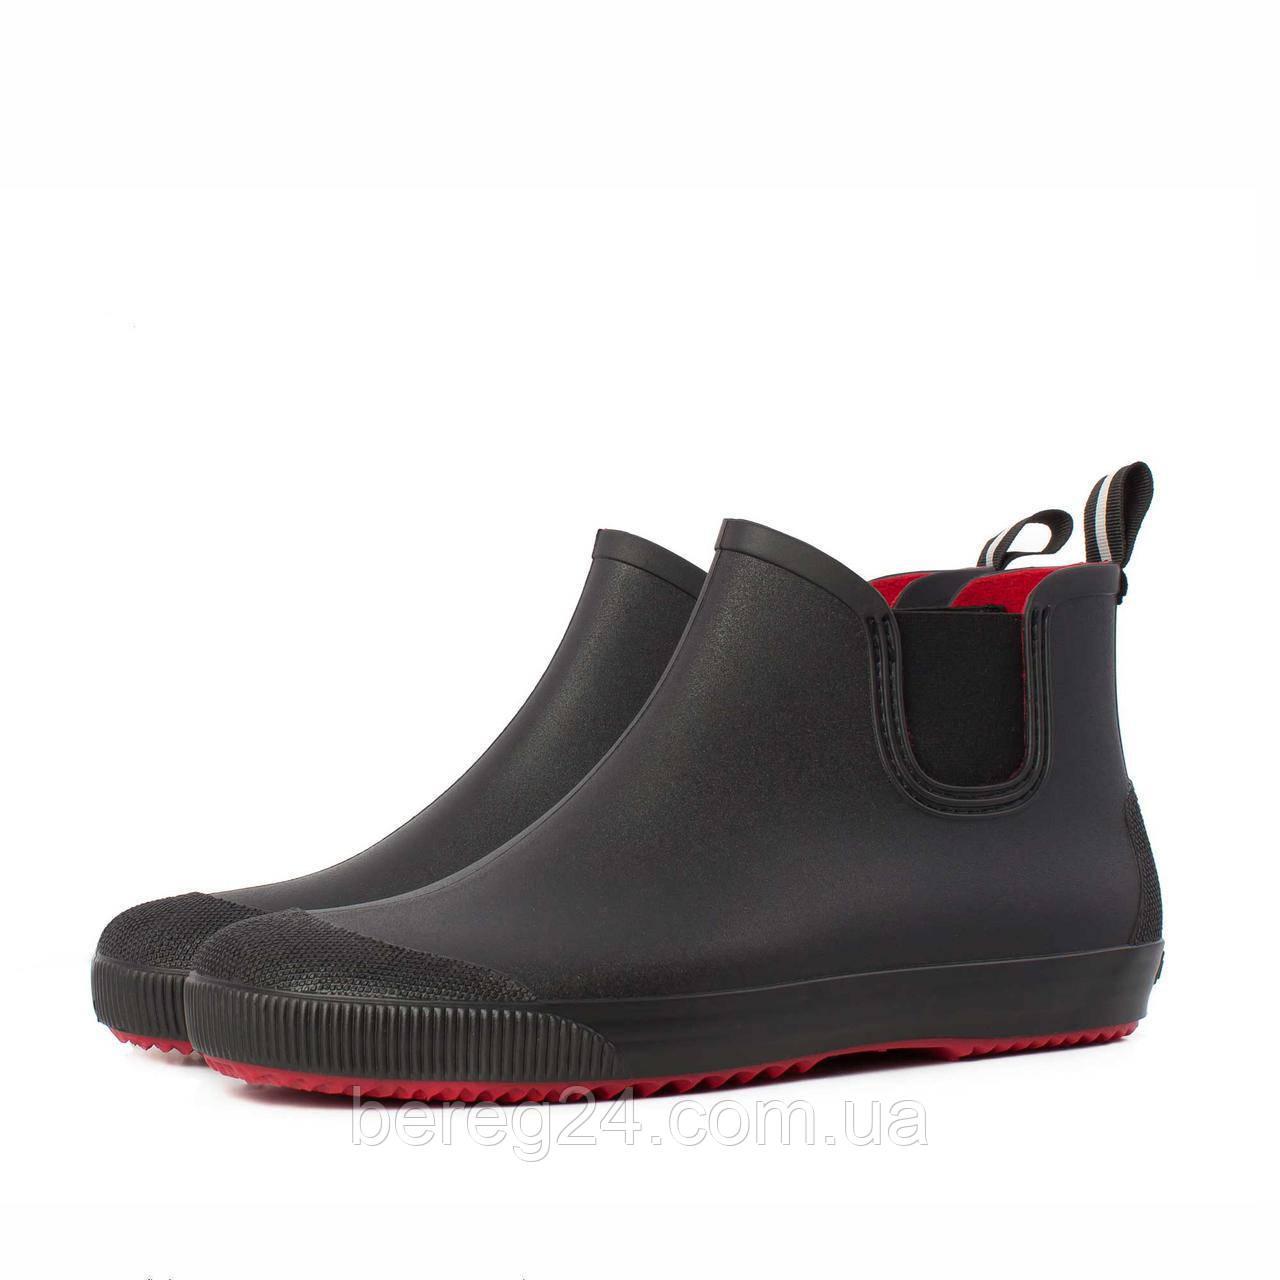 Мужские ботинки NordMan BEAT резиновые с эластичной вставкой черные размер 44